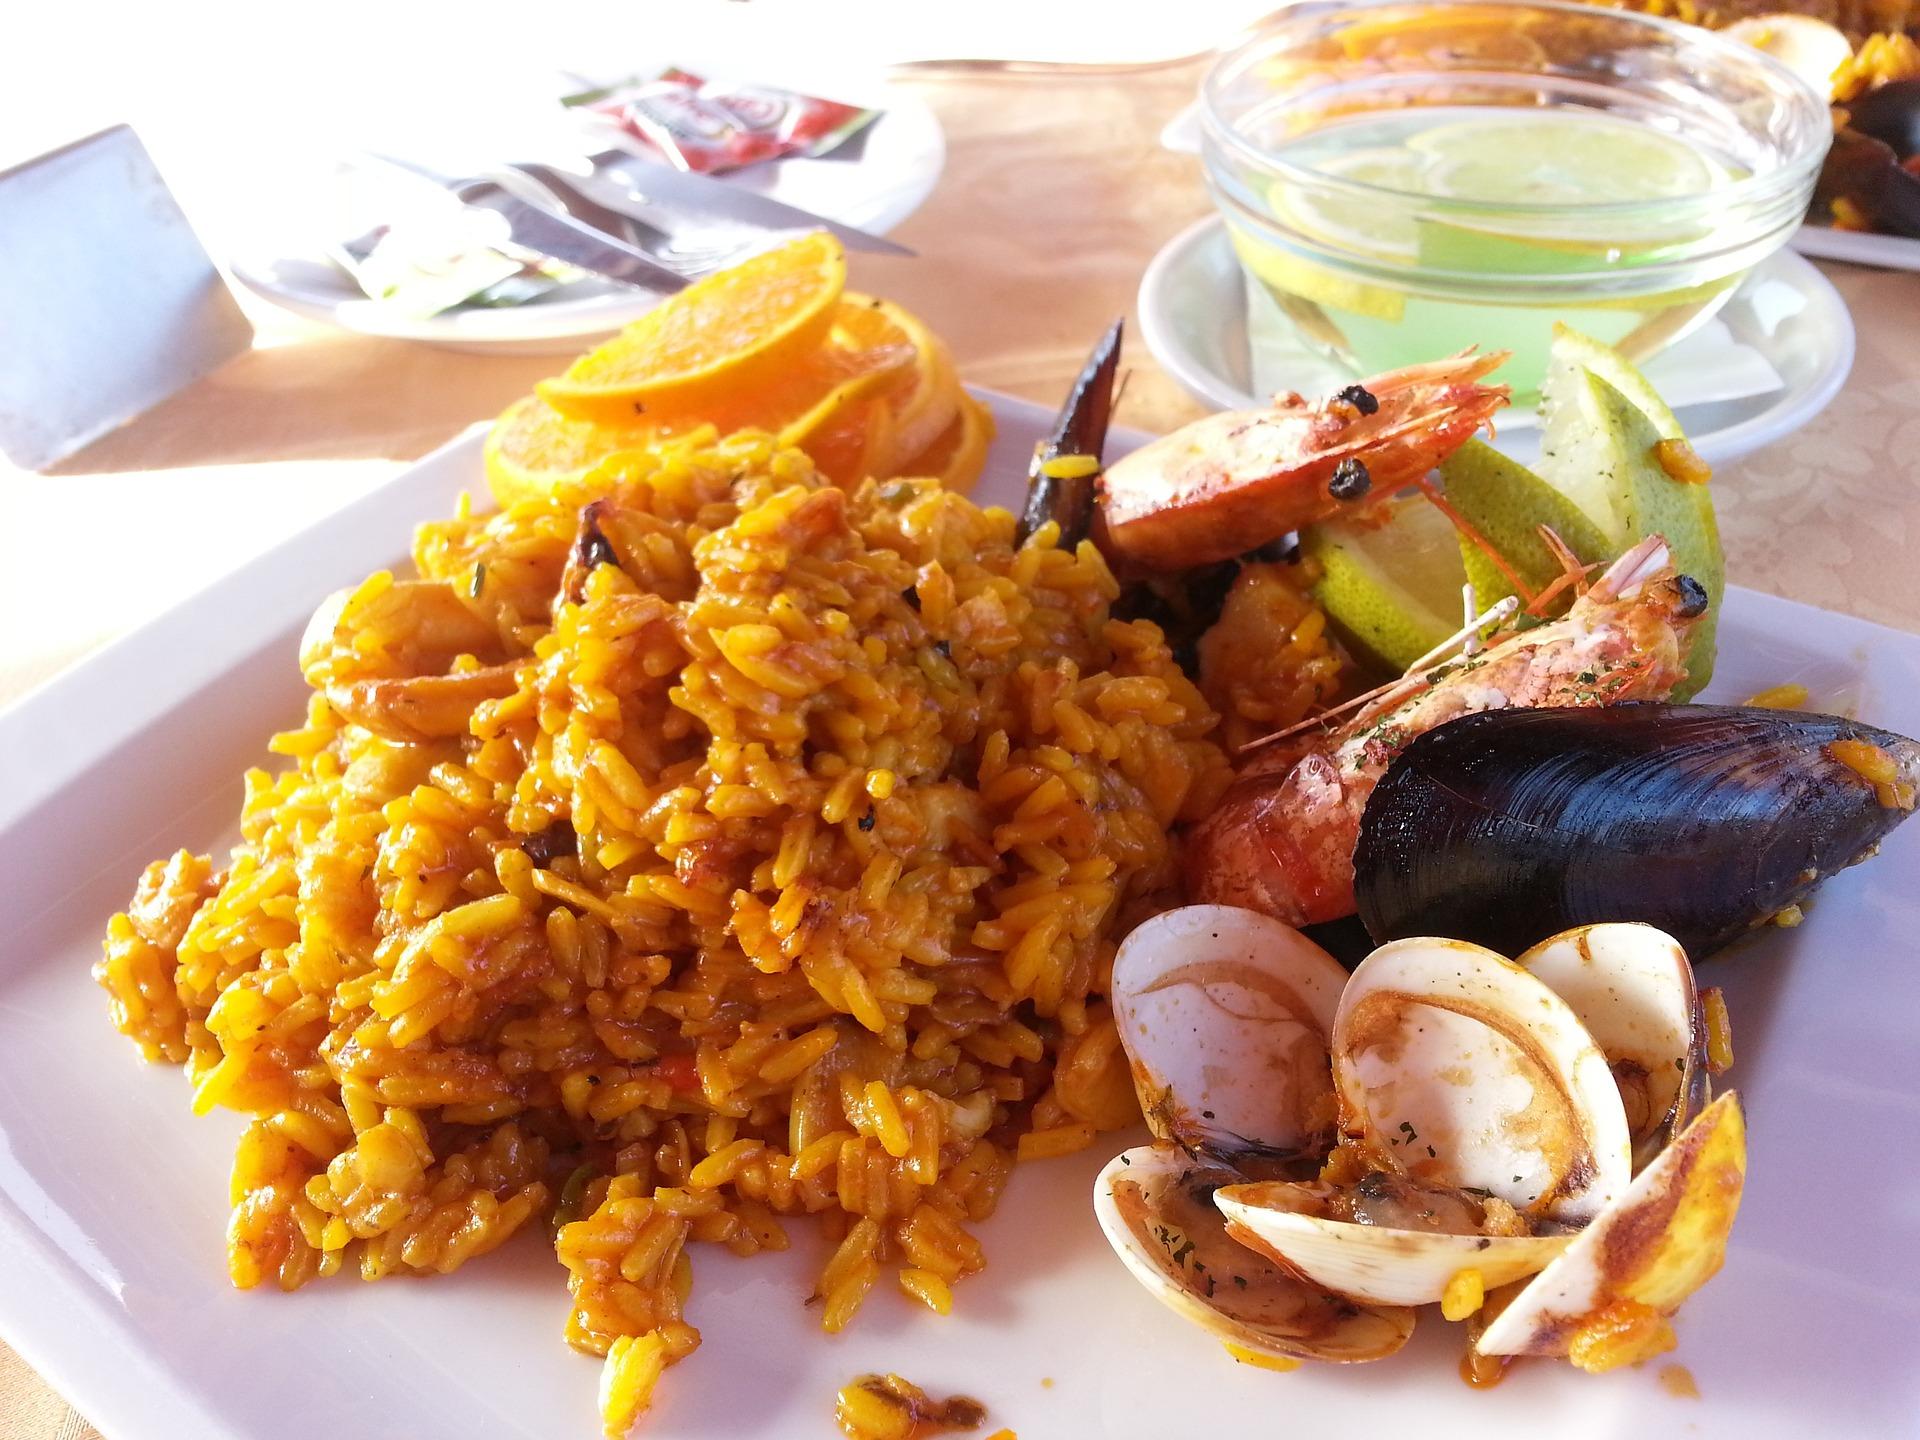 Los mejores restaurantes de comida catalana shbarcelona - Restaurante cocina catalana barcelona ...